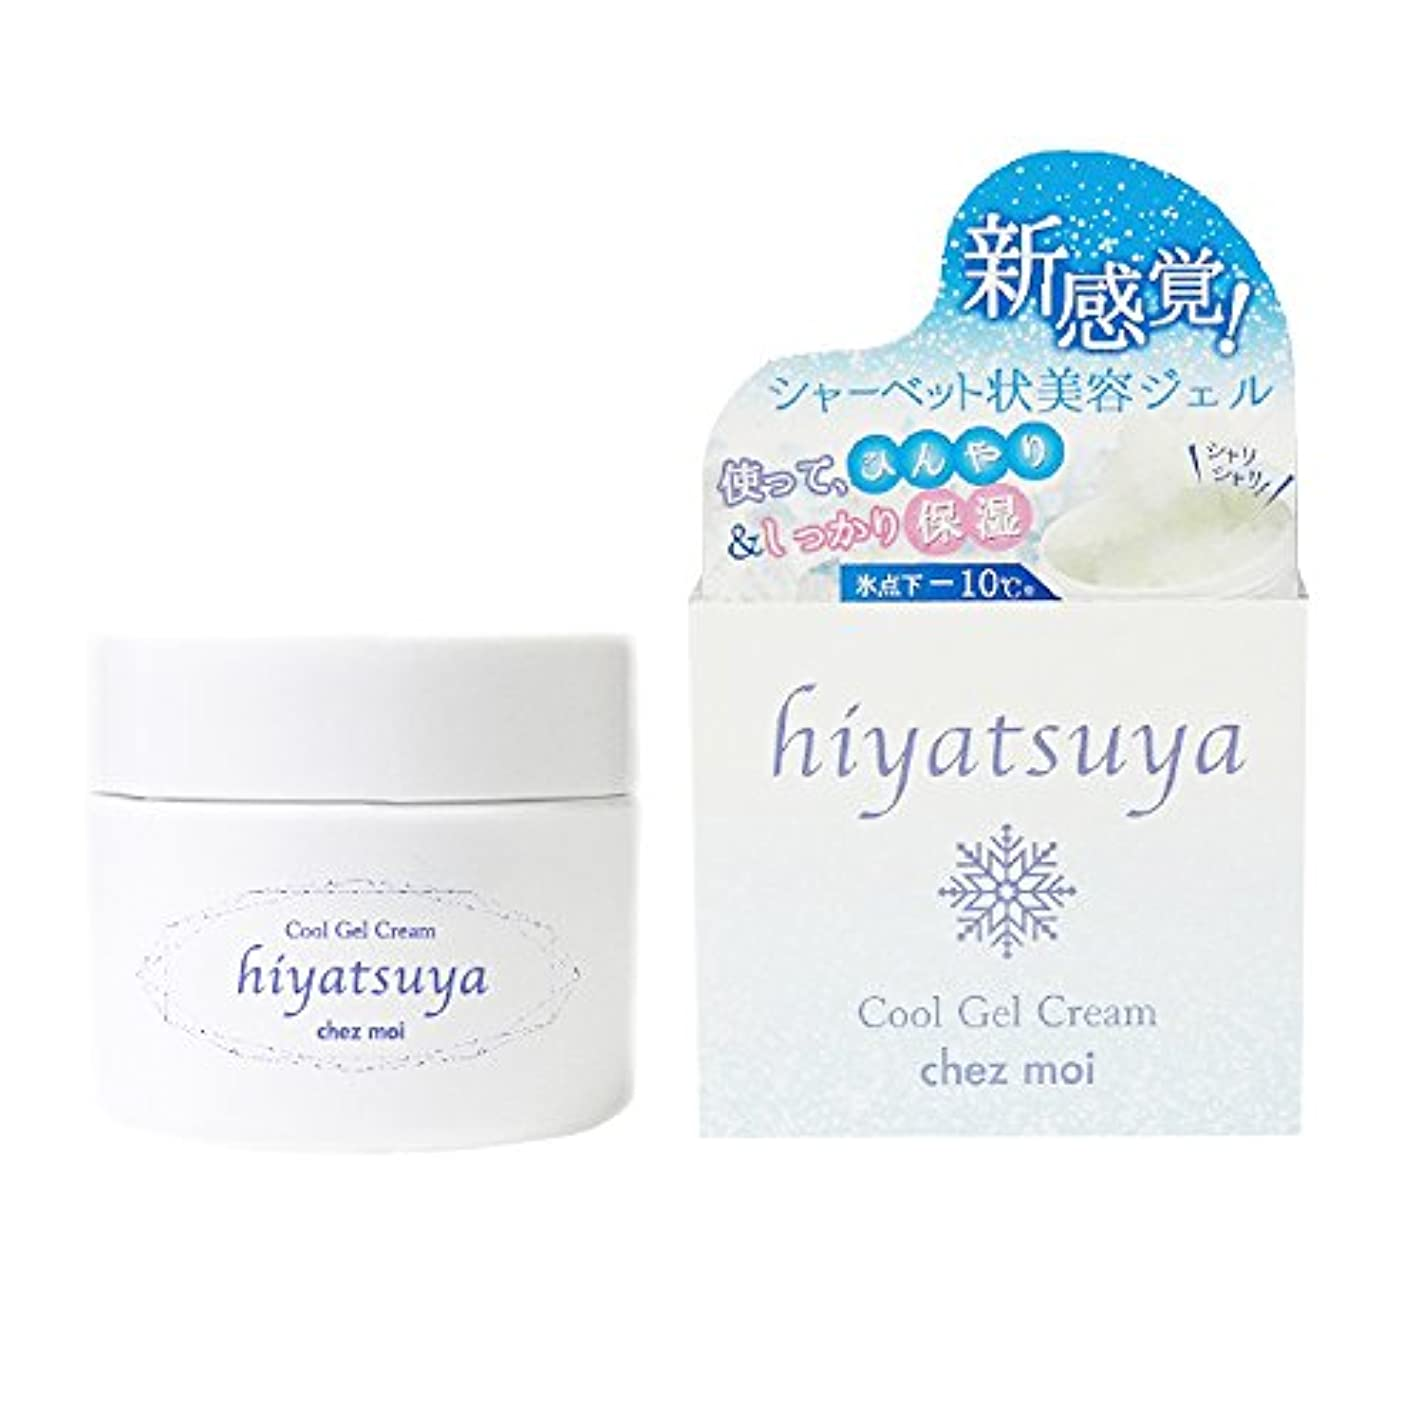 大惨事役に立つテメリティシェモア hiyatsuya(ヒヤツヤ) cool gel cream 70g